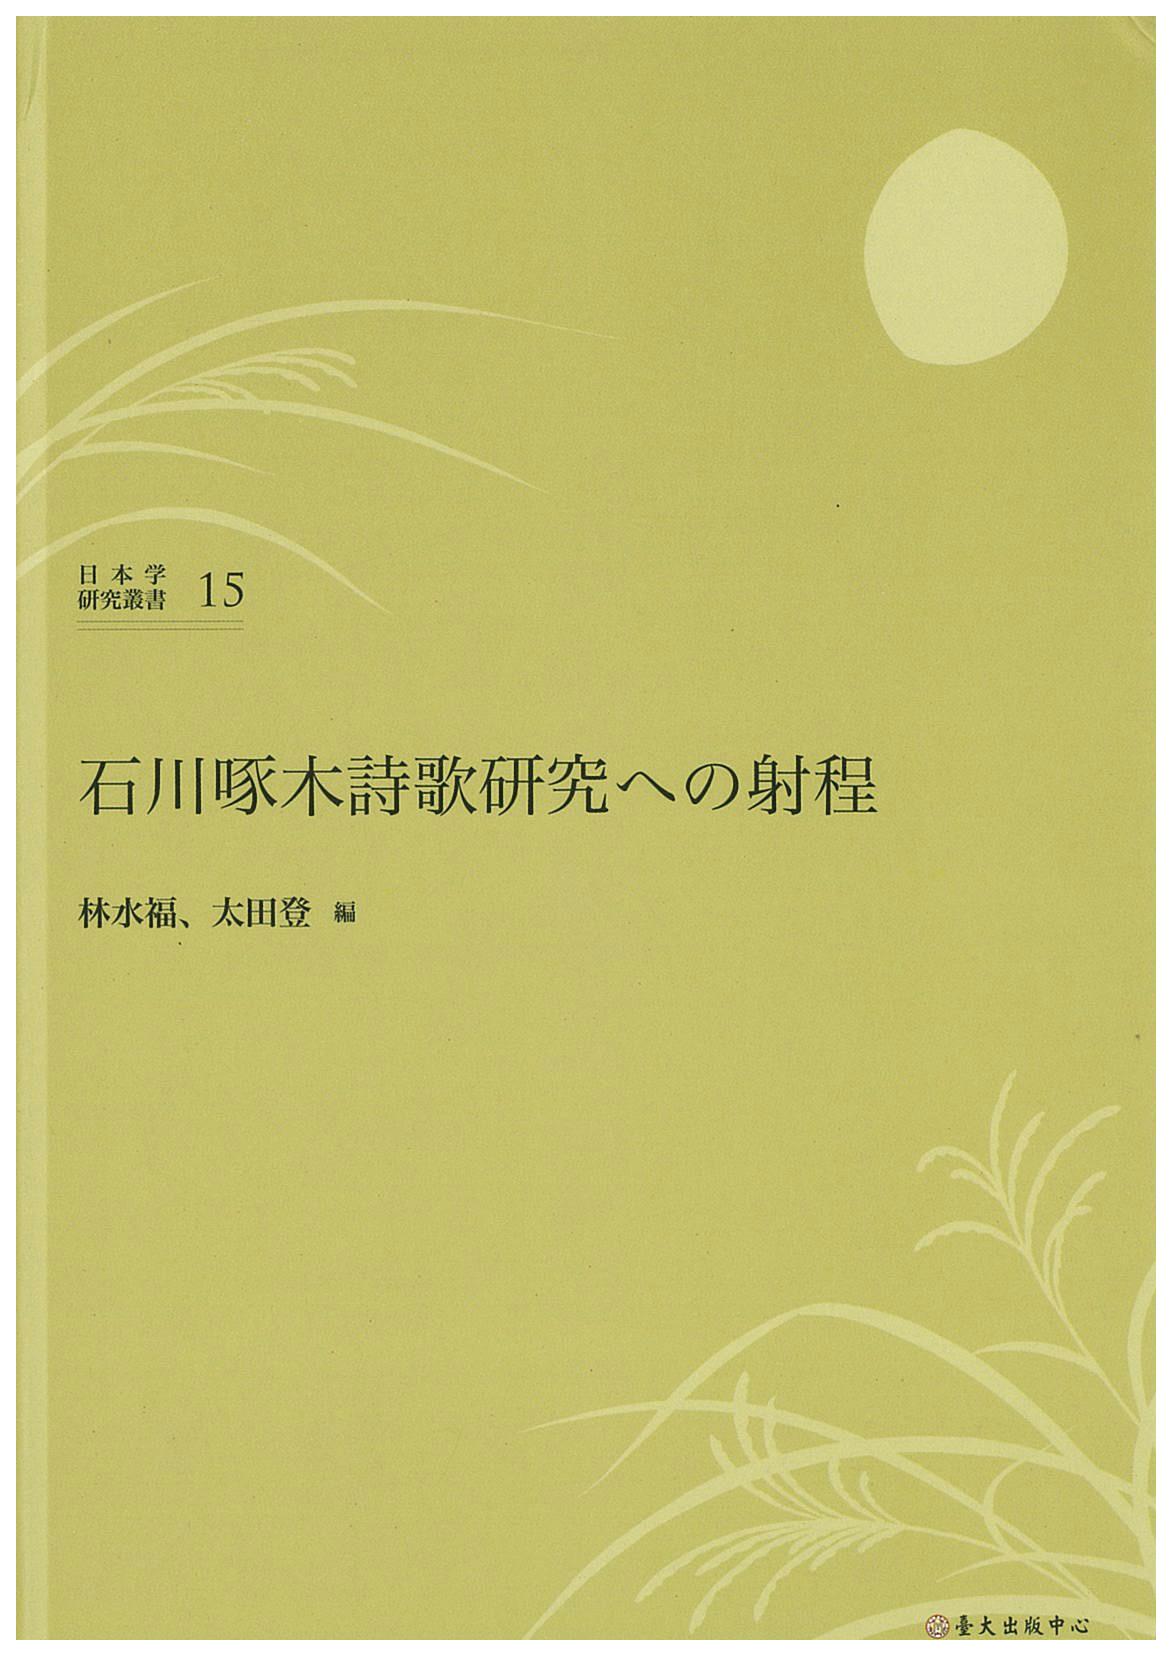 日本学研究叢書 –